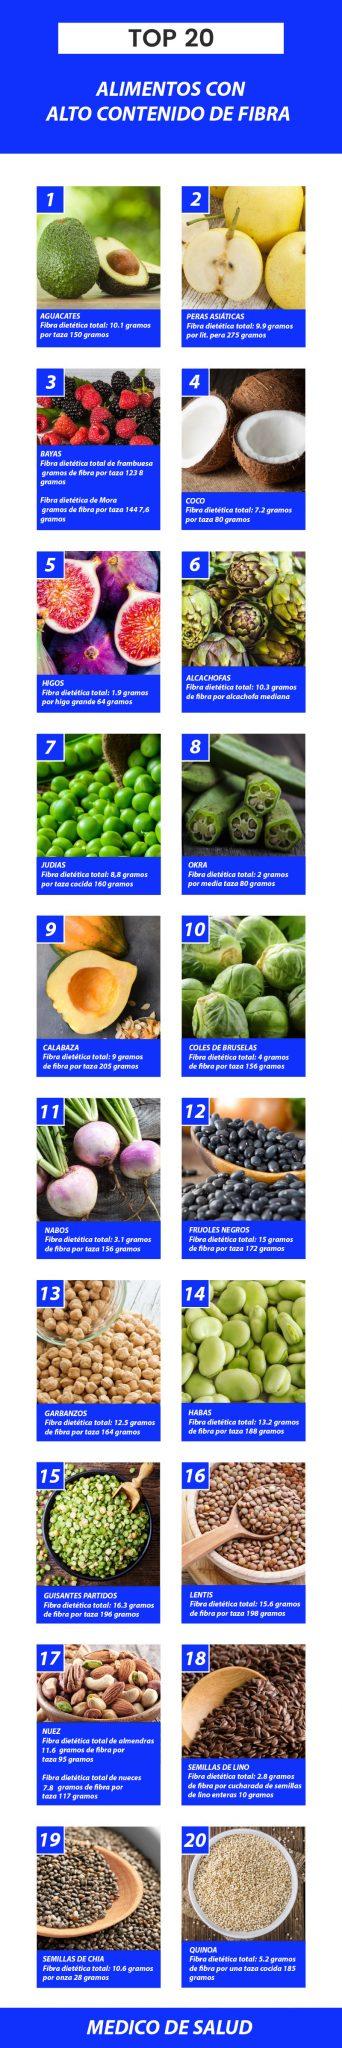 Alimentos con alto contenido de fibra 20 alimentos ricos en fibra + los beneficios de cada uno 20 Alimentos Ricos en Fibra + los beneficios de cada uno 20 Alimentos con Alto contenido en Fibra